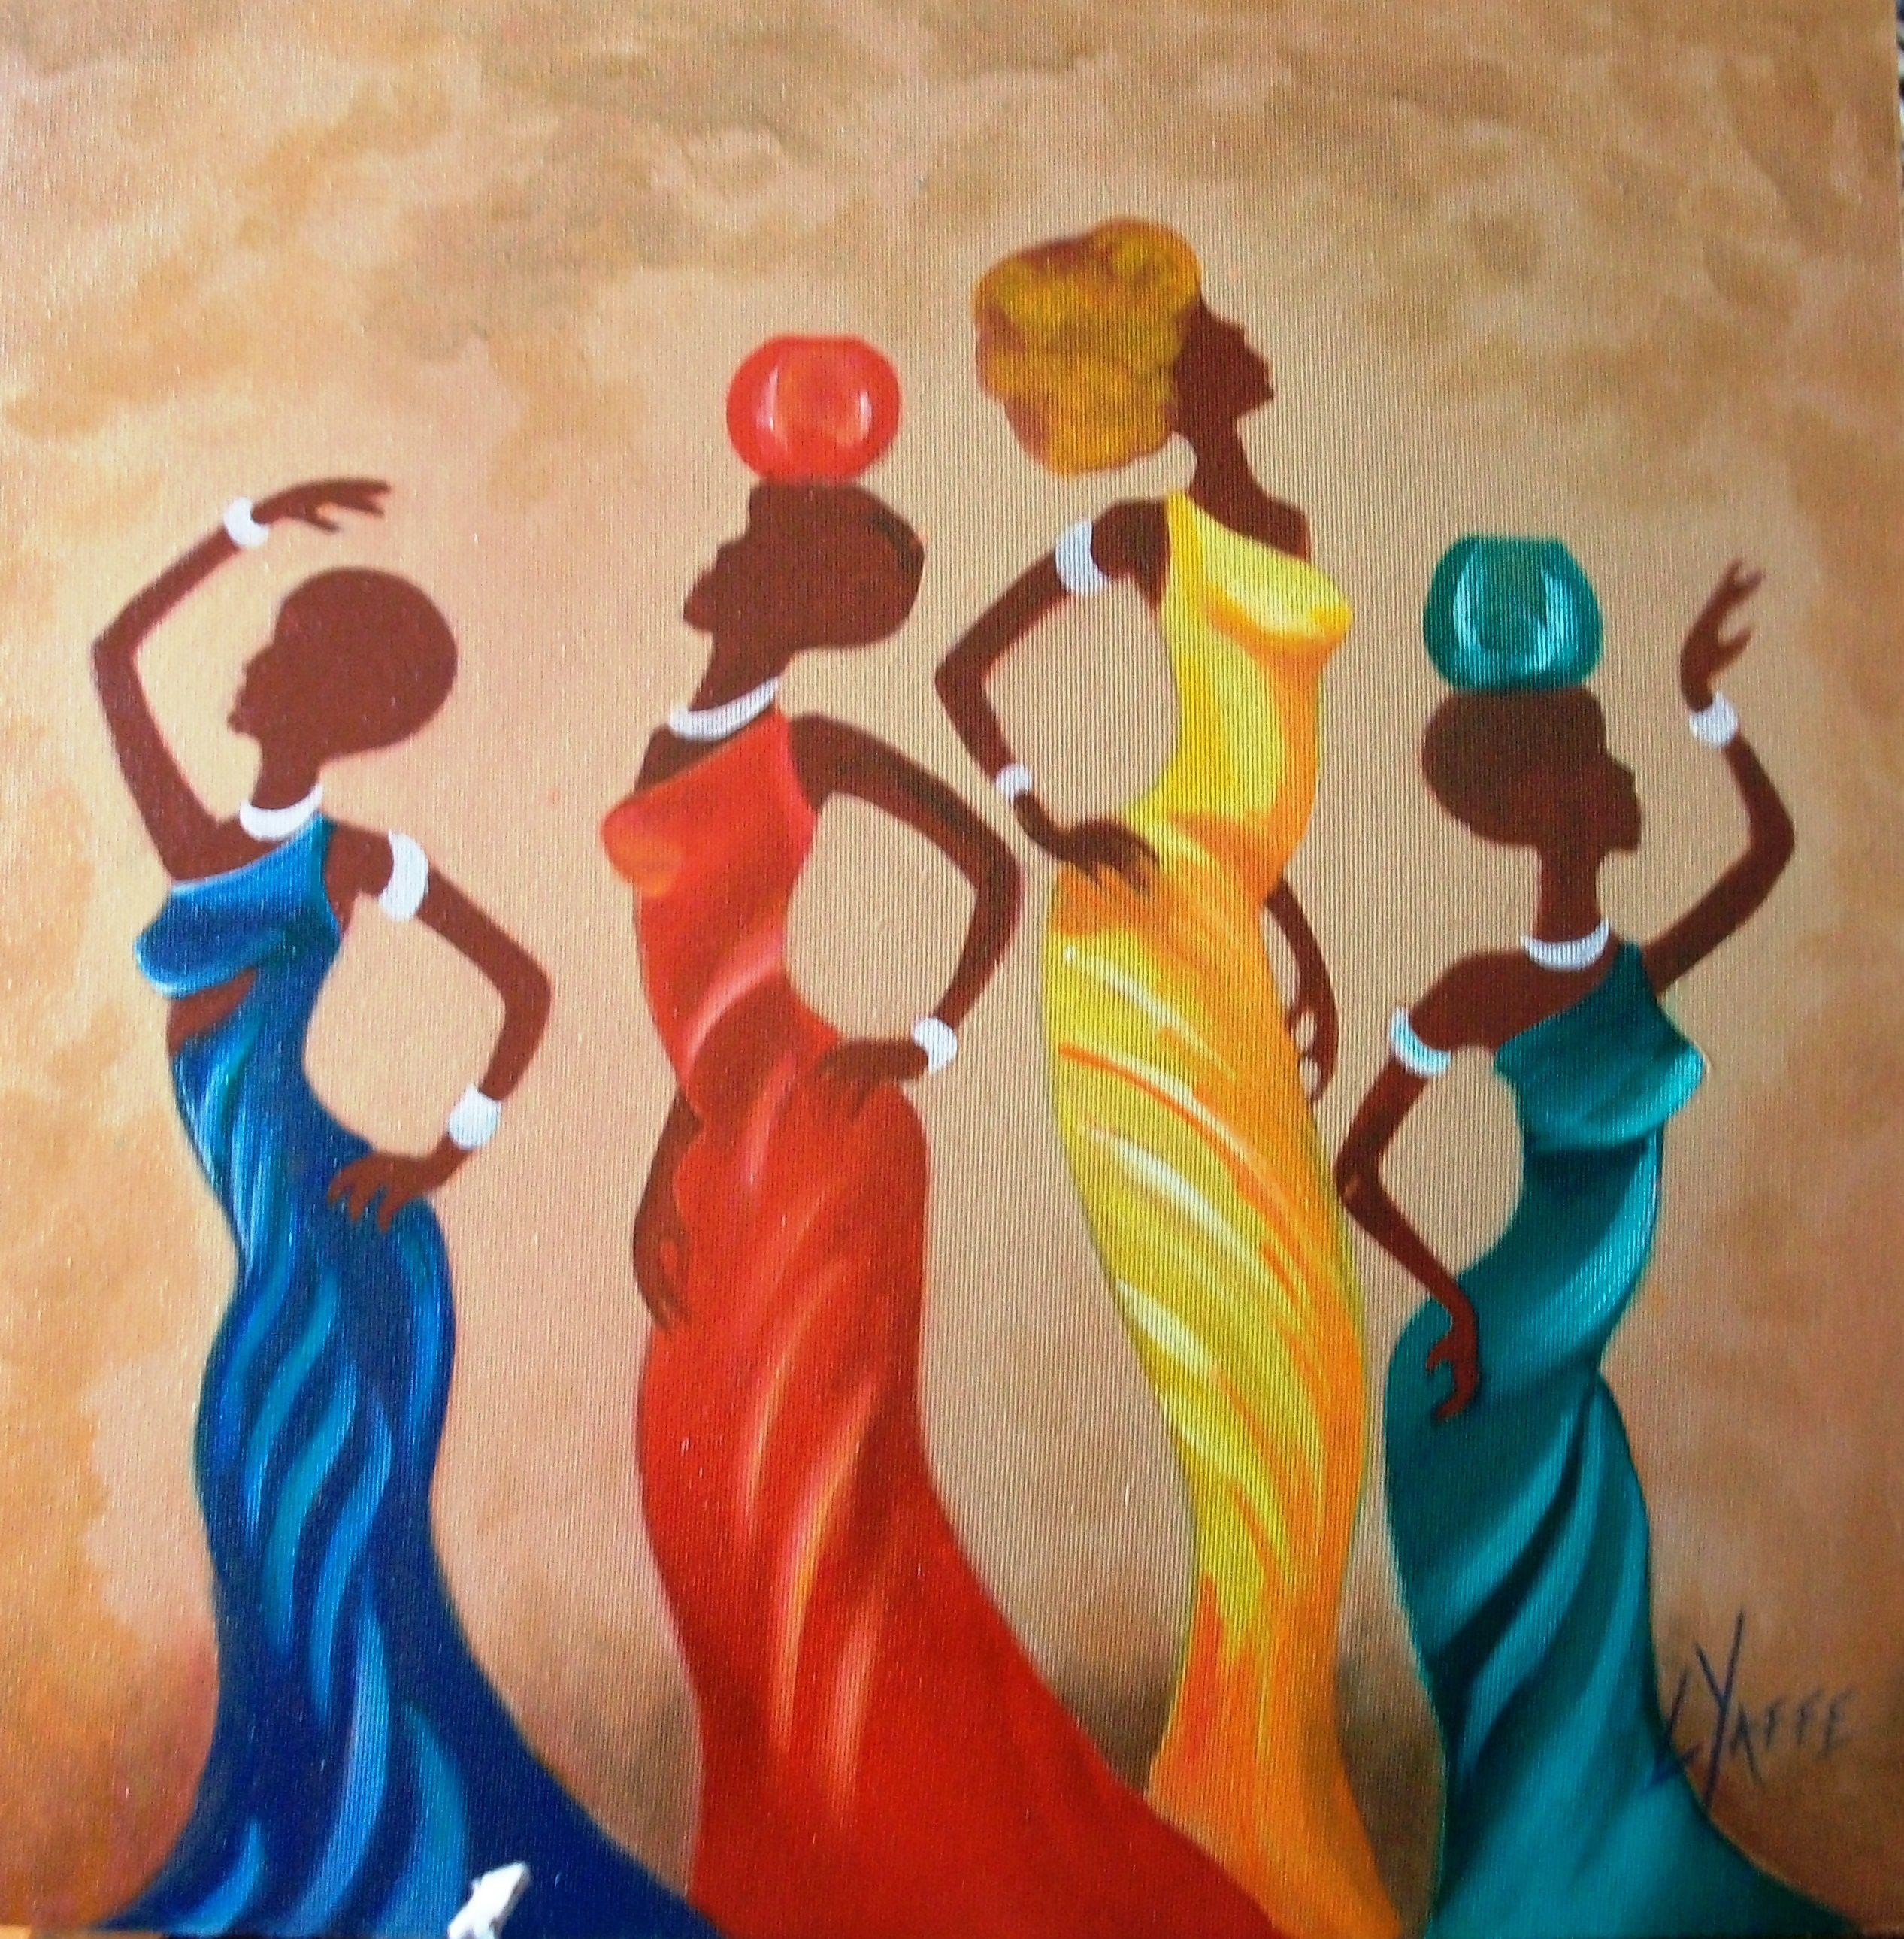 Pin by TC Gül Aras Yanik on african women | Pinterest | African art ...